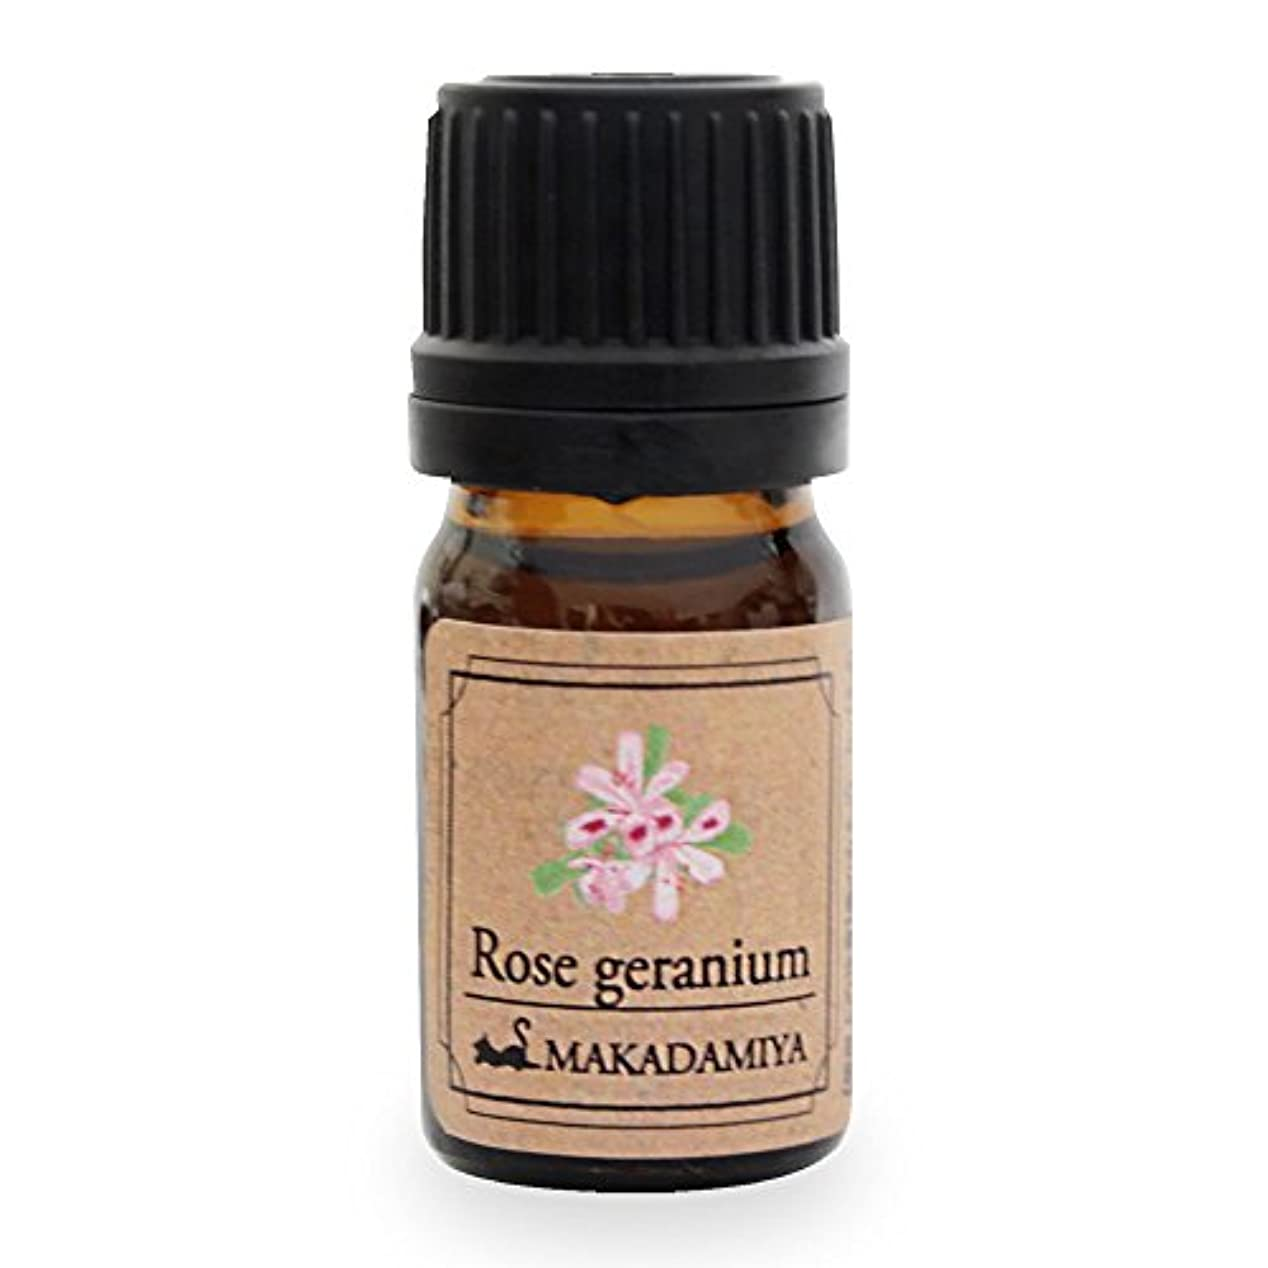 許される家禽ロゴローズゼラニウム5ml 天然100%植物性 エッセンシャルオイル(精油) アロマオイル アロママッサージ aroma Rose Geranium